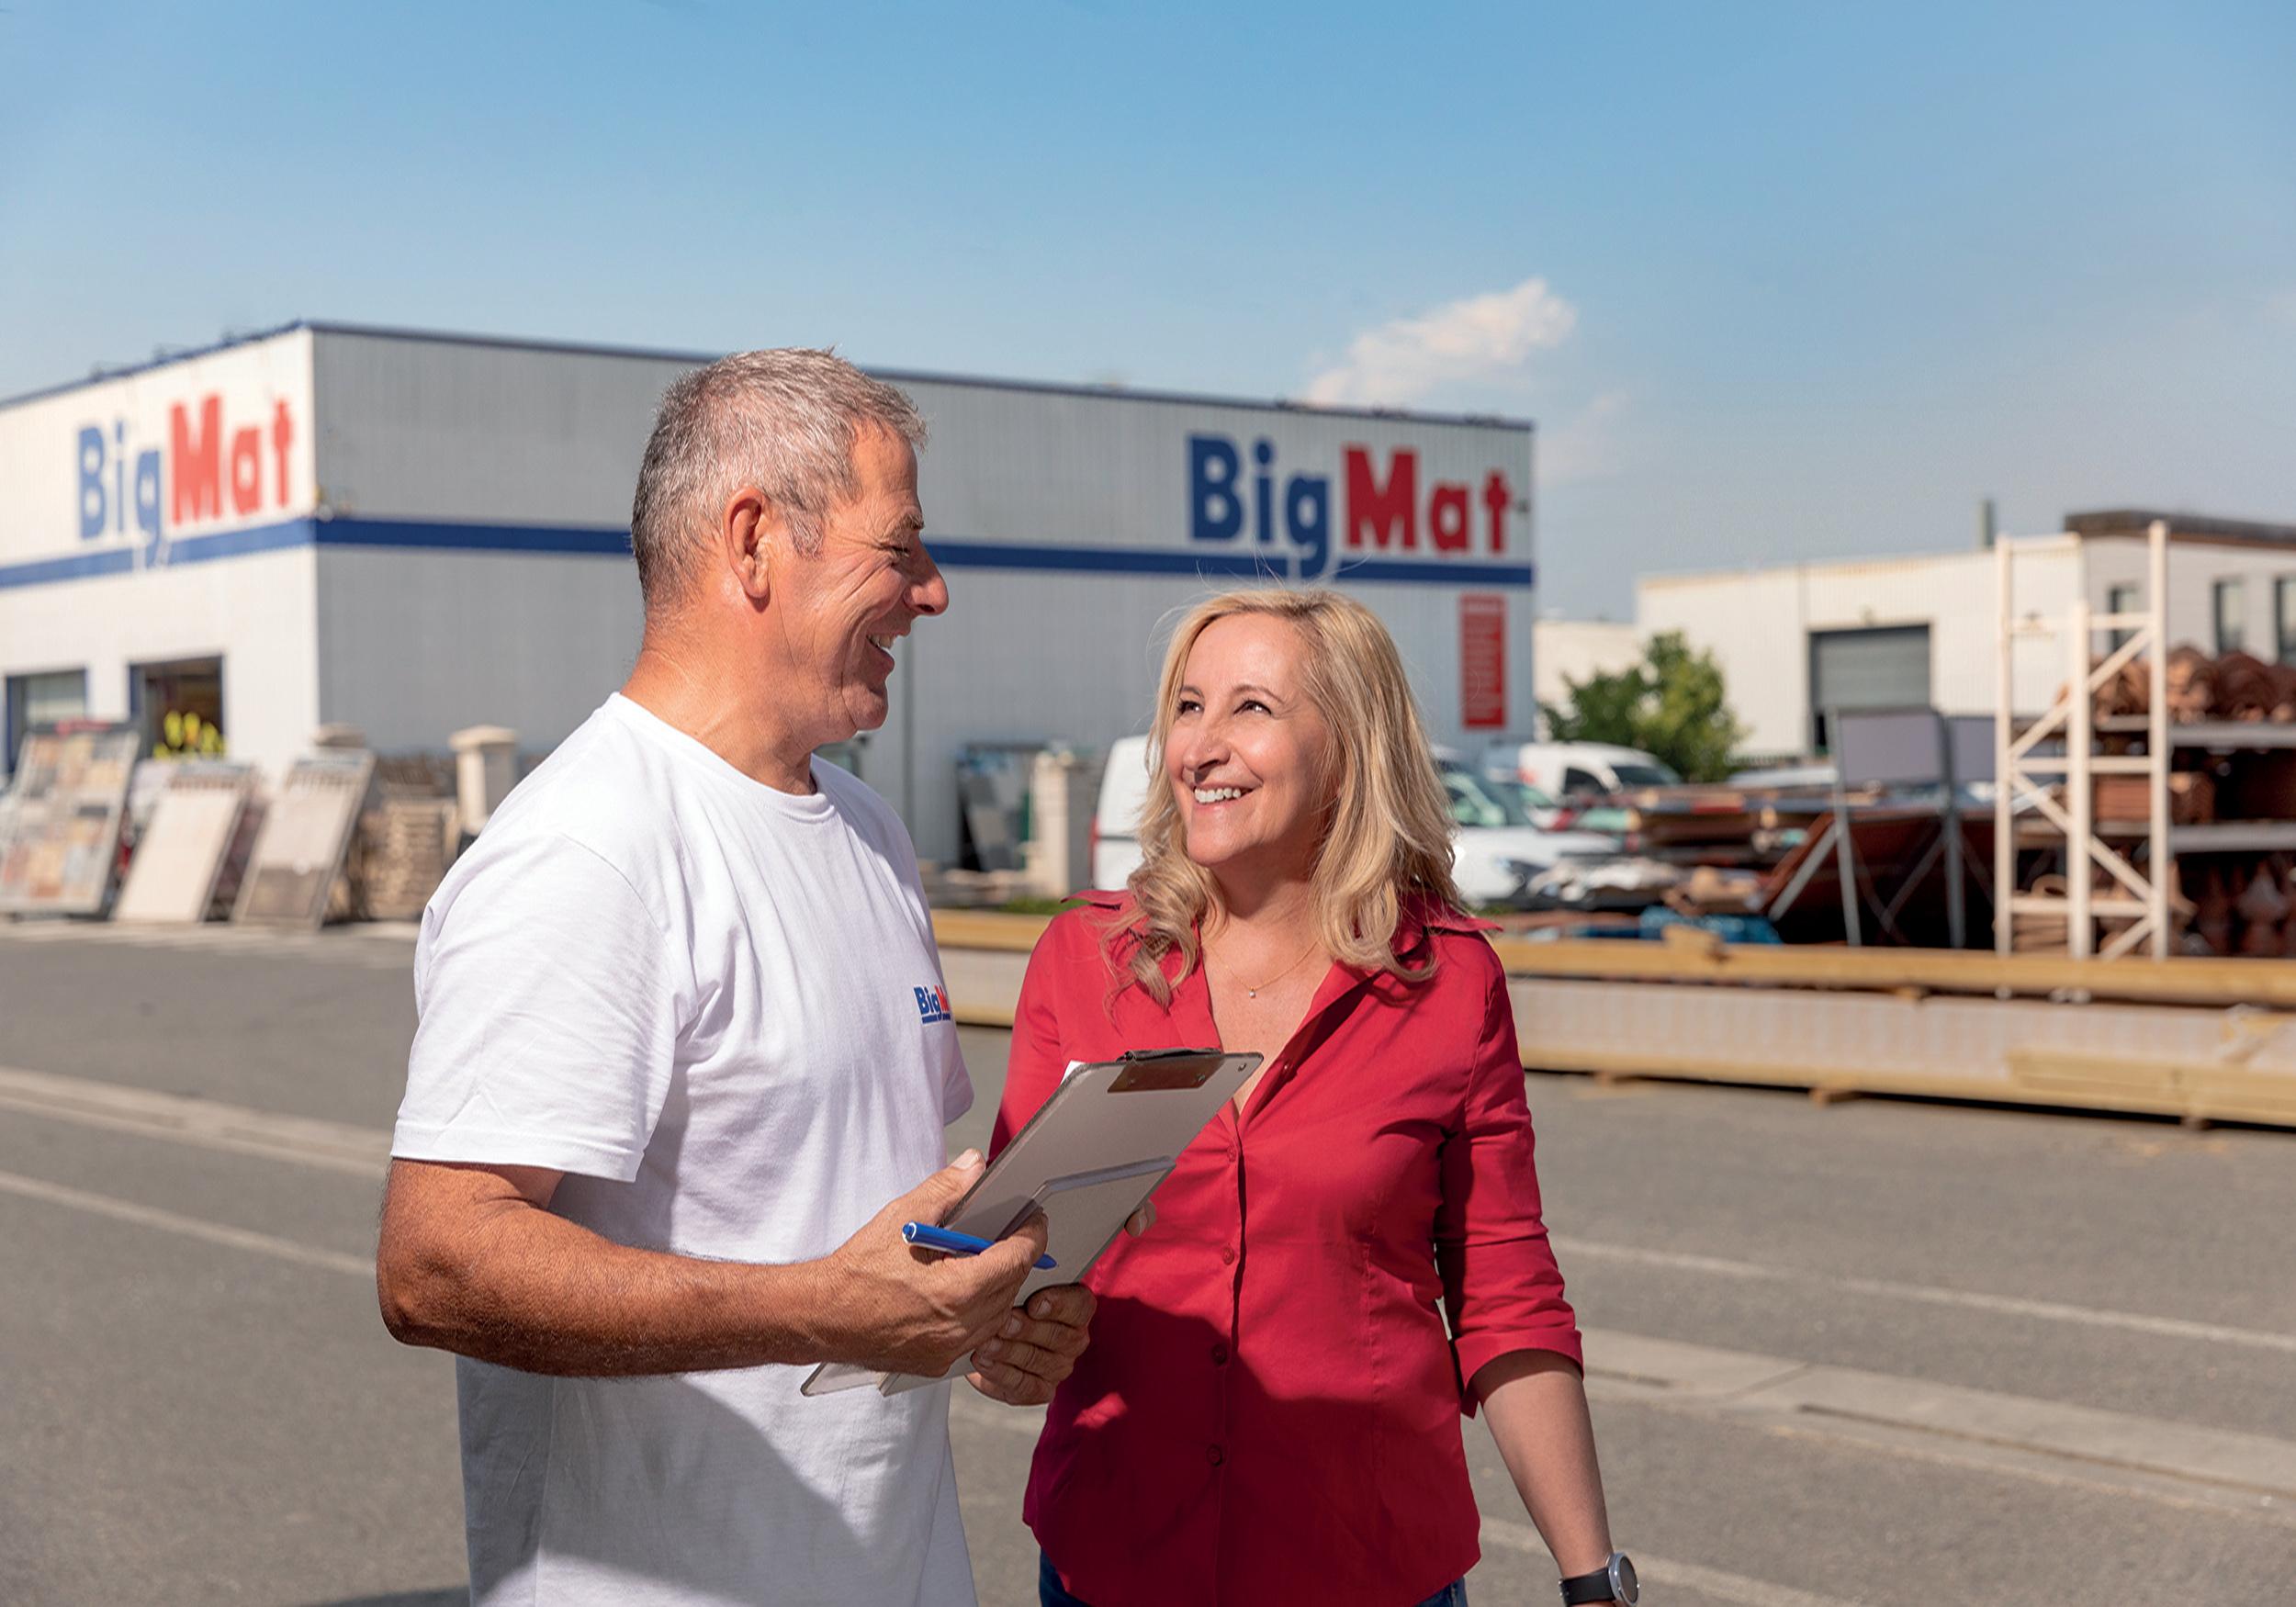 BIGMAT: 40 ans d'expertise au service de vos projets